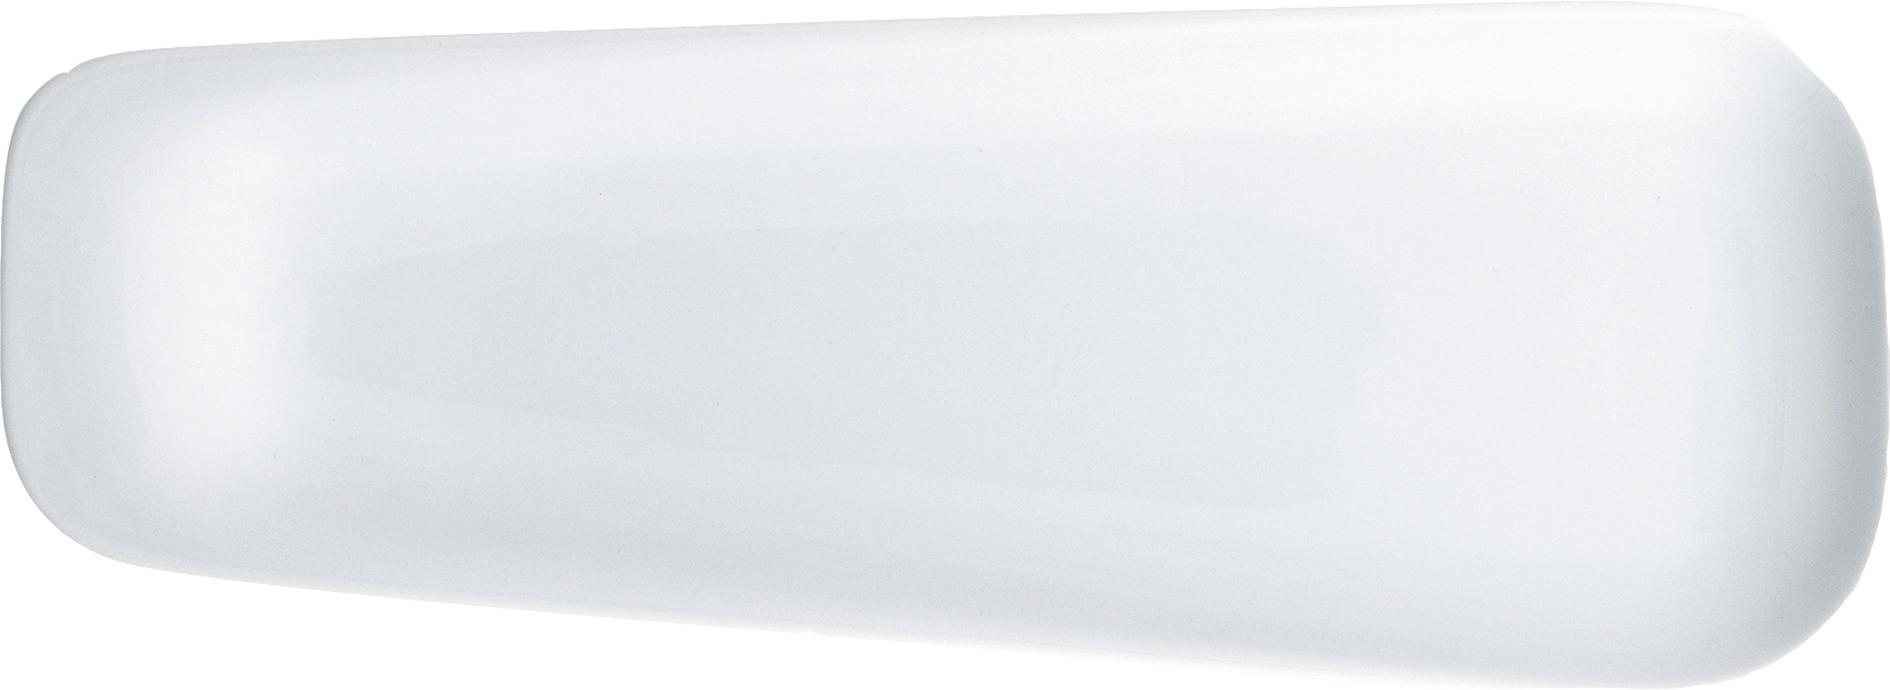 Elixyr, Platte extralang 400 x 146 mm